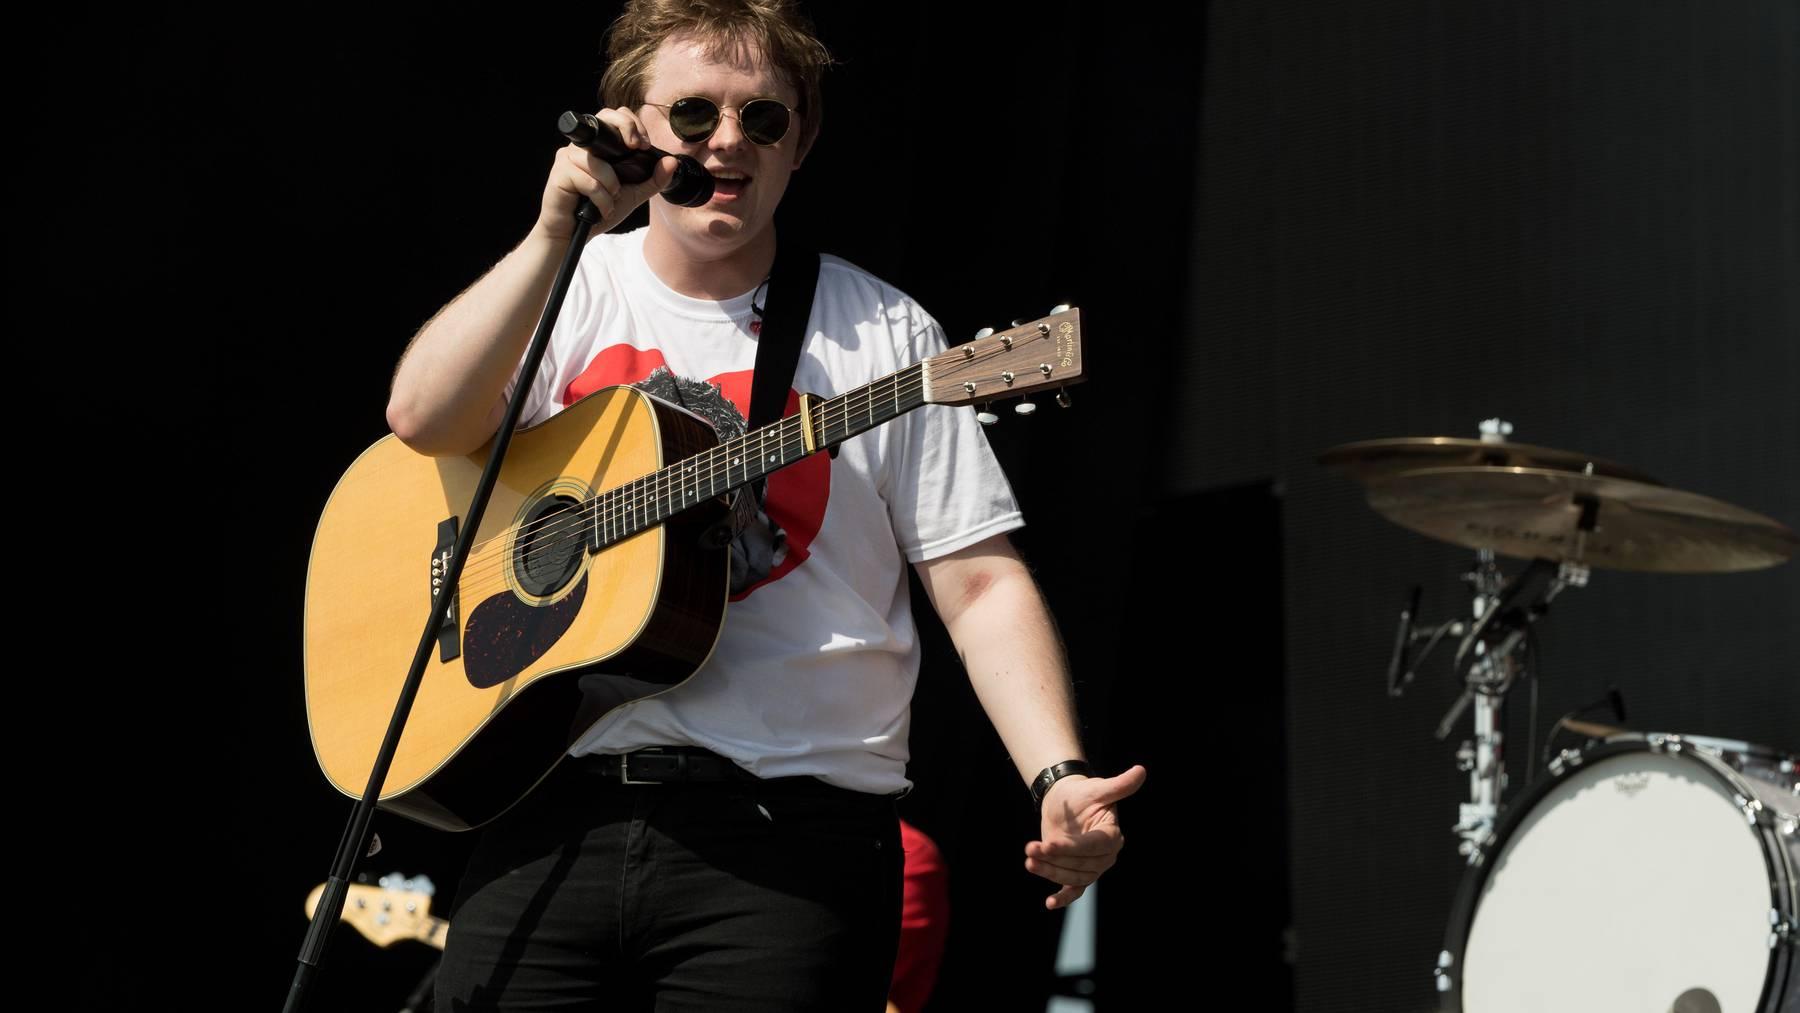 Der 22-jährige Sänger sagt seinen Auftritt am Szene Openair ab.